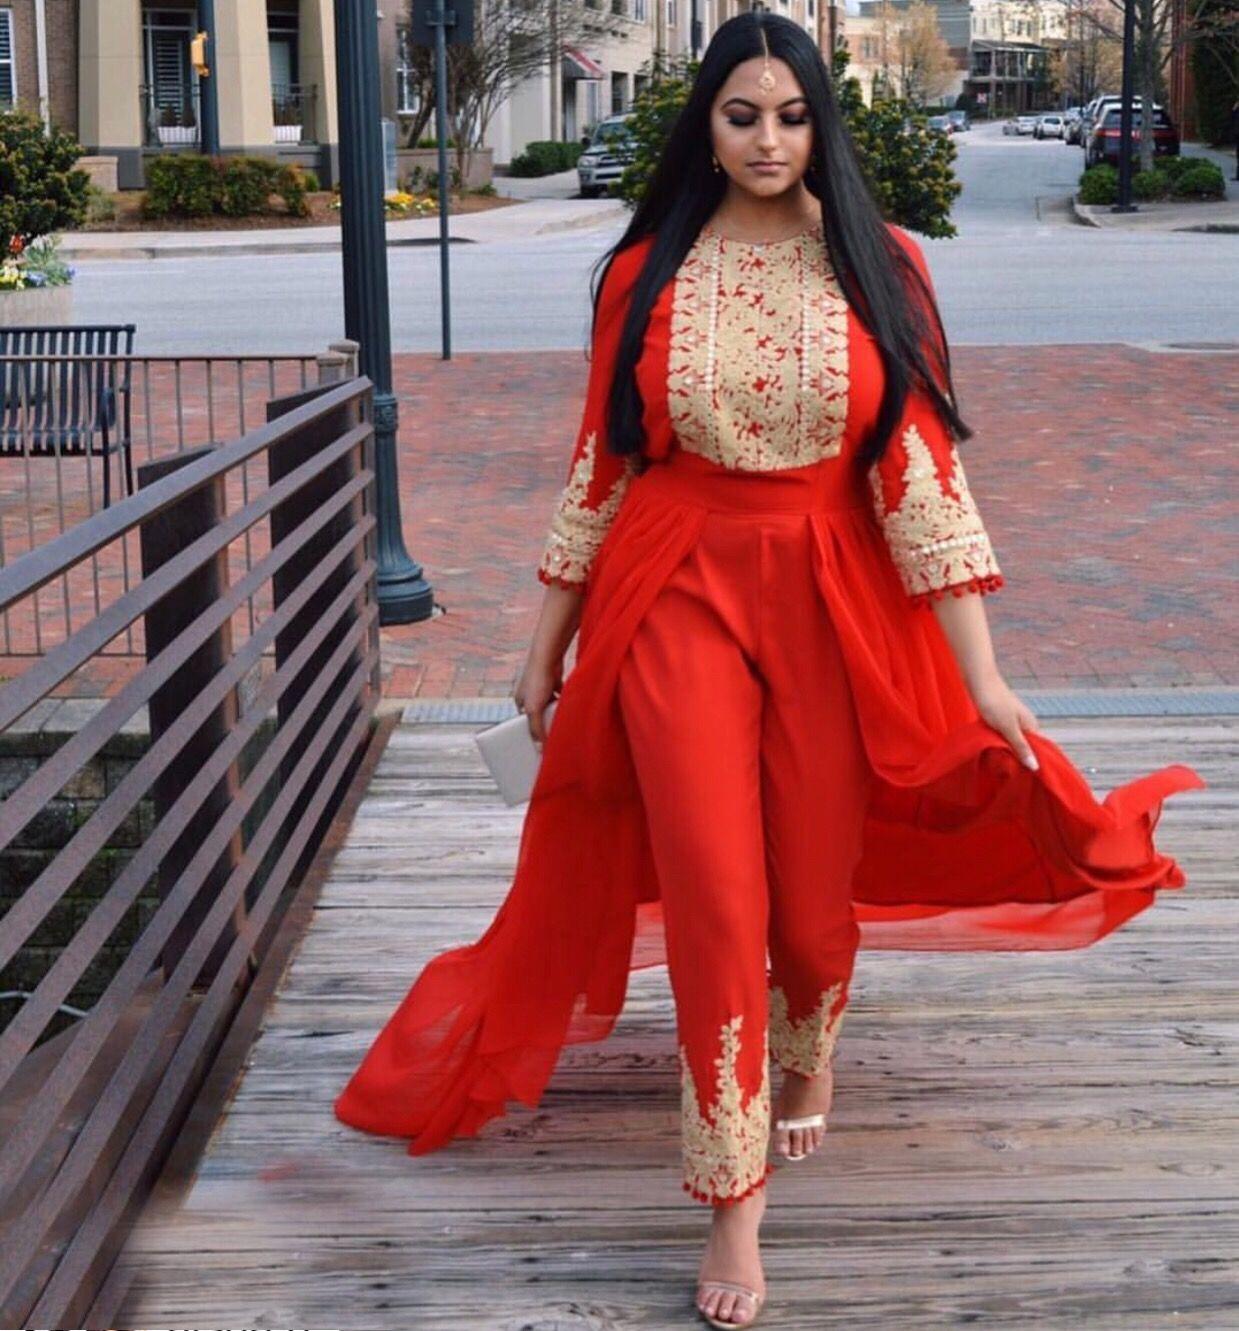 Designer Leicht Kleid Für Henna Abend VertriebDesigner Elegant Kleid Für Henna Abend Galerie